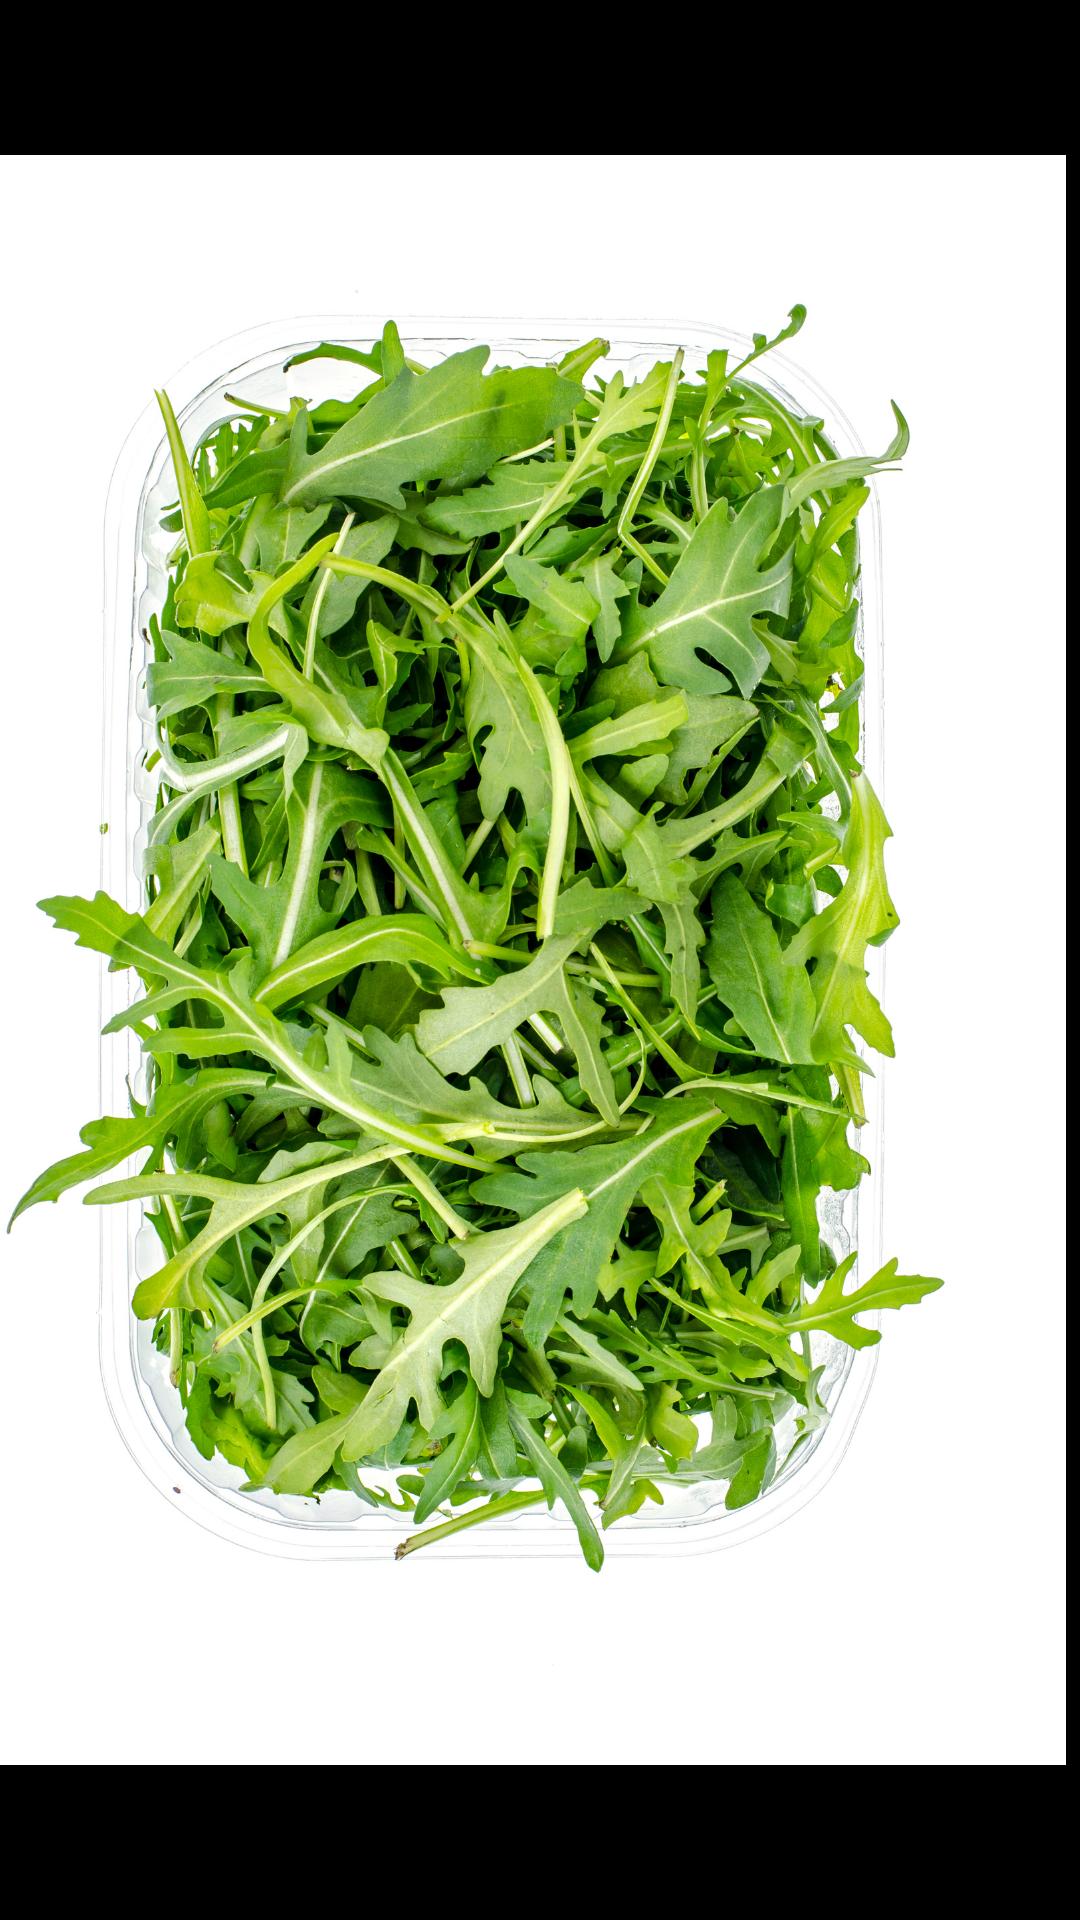 Leafy Greens - Rucola tray